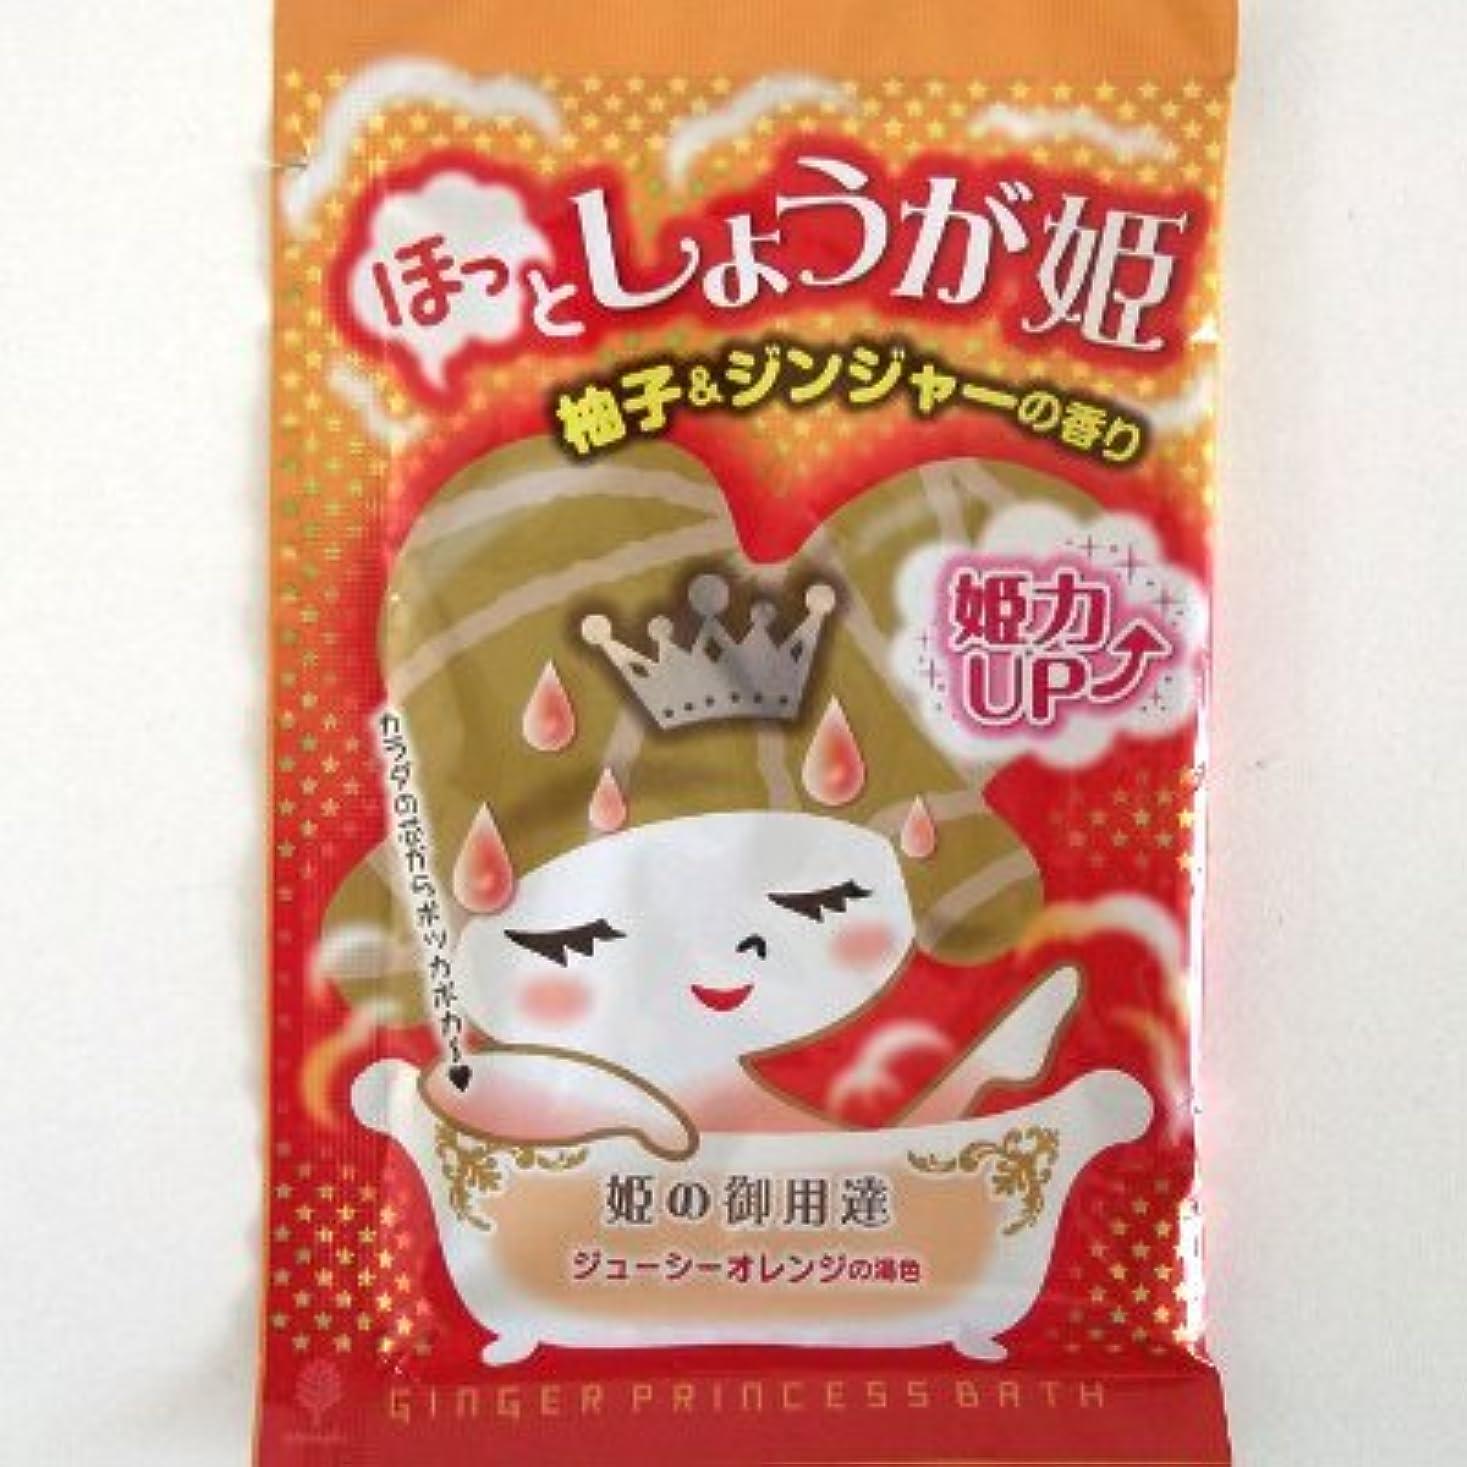 悲しむ白いペンス紀陽除虫菊 ほっとしょうが姫 柚子&ジンジャーの香り【まとめ買い12個セット】 N-8400